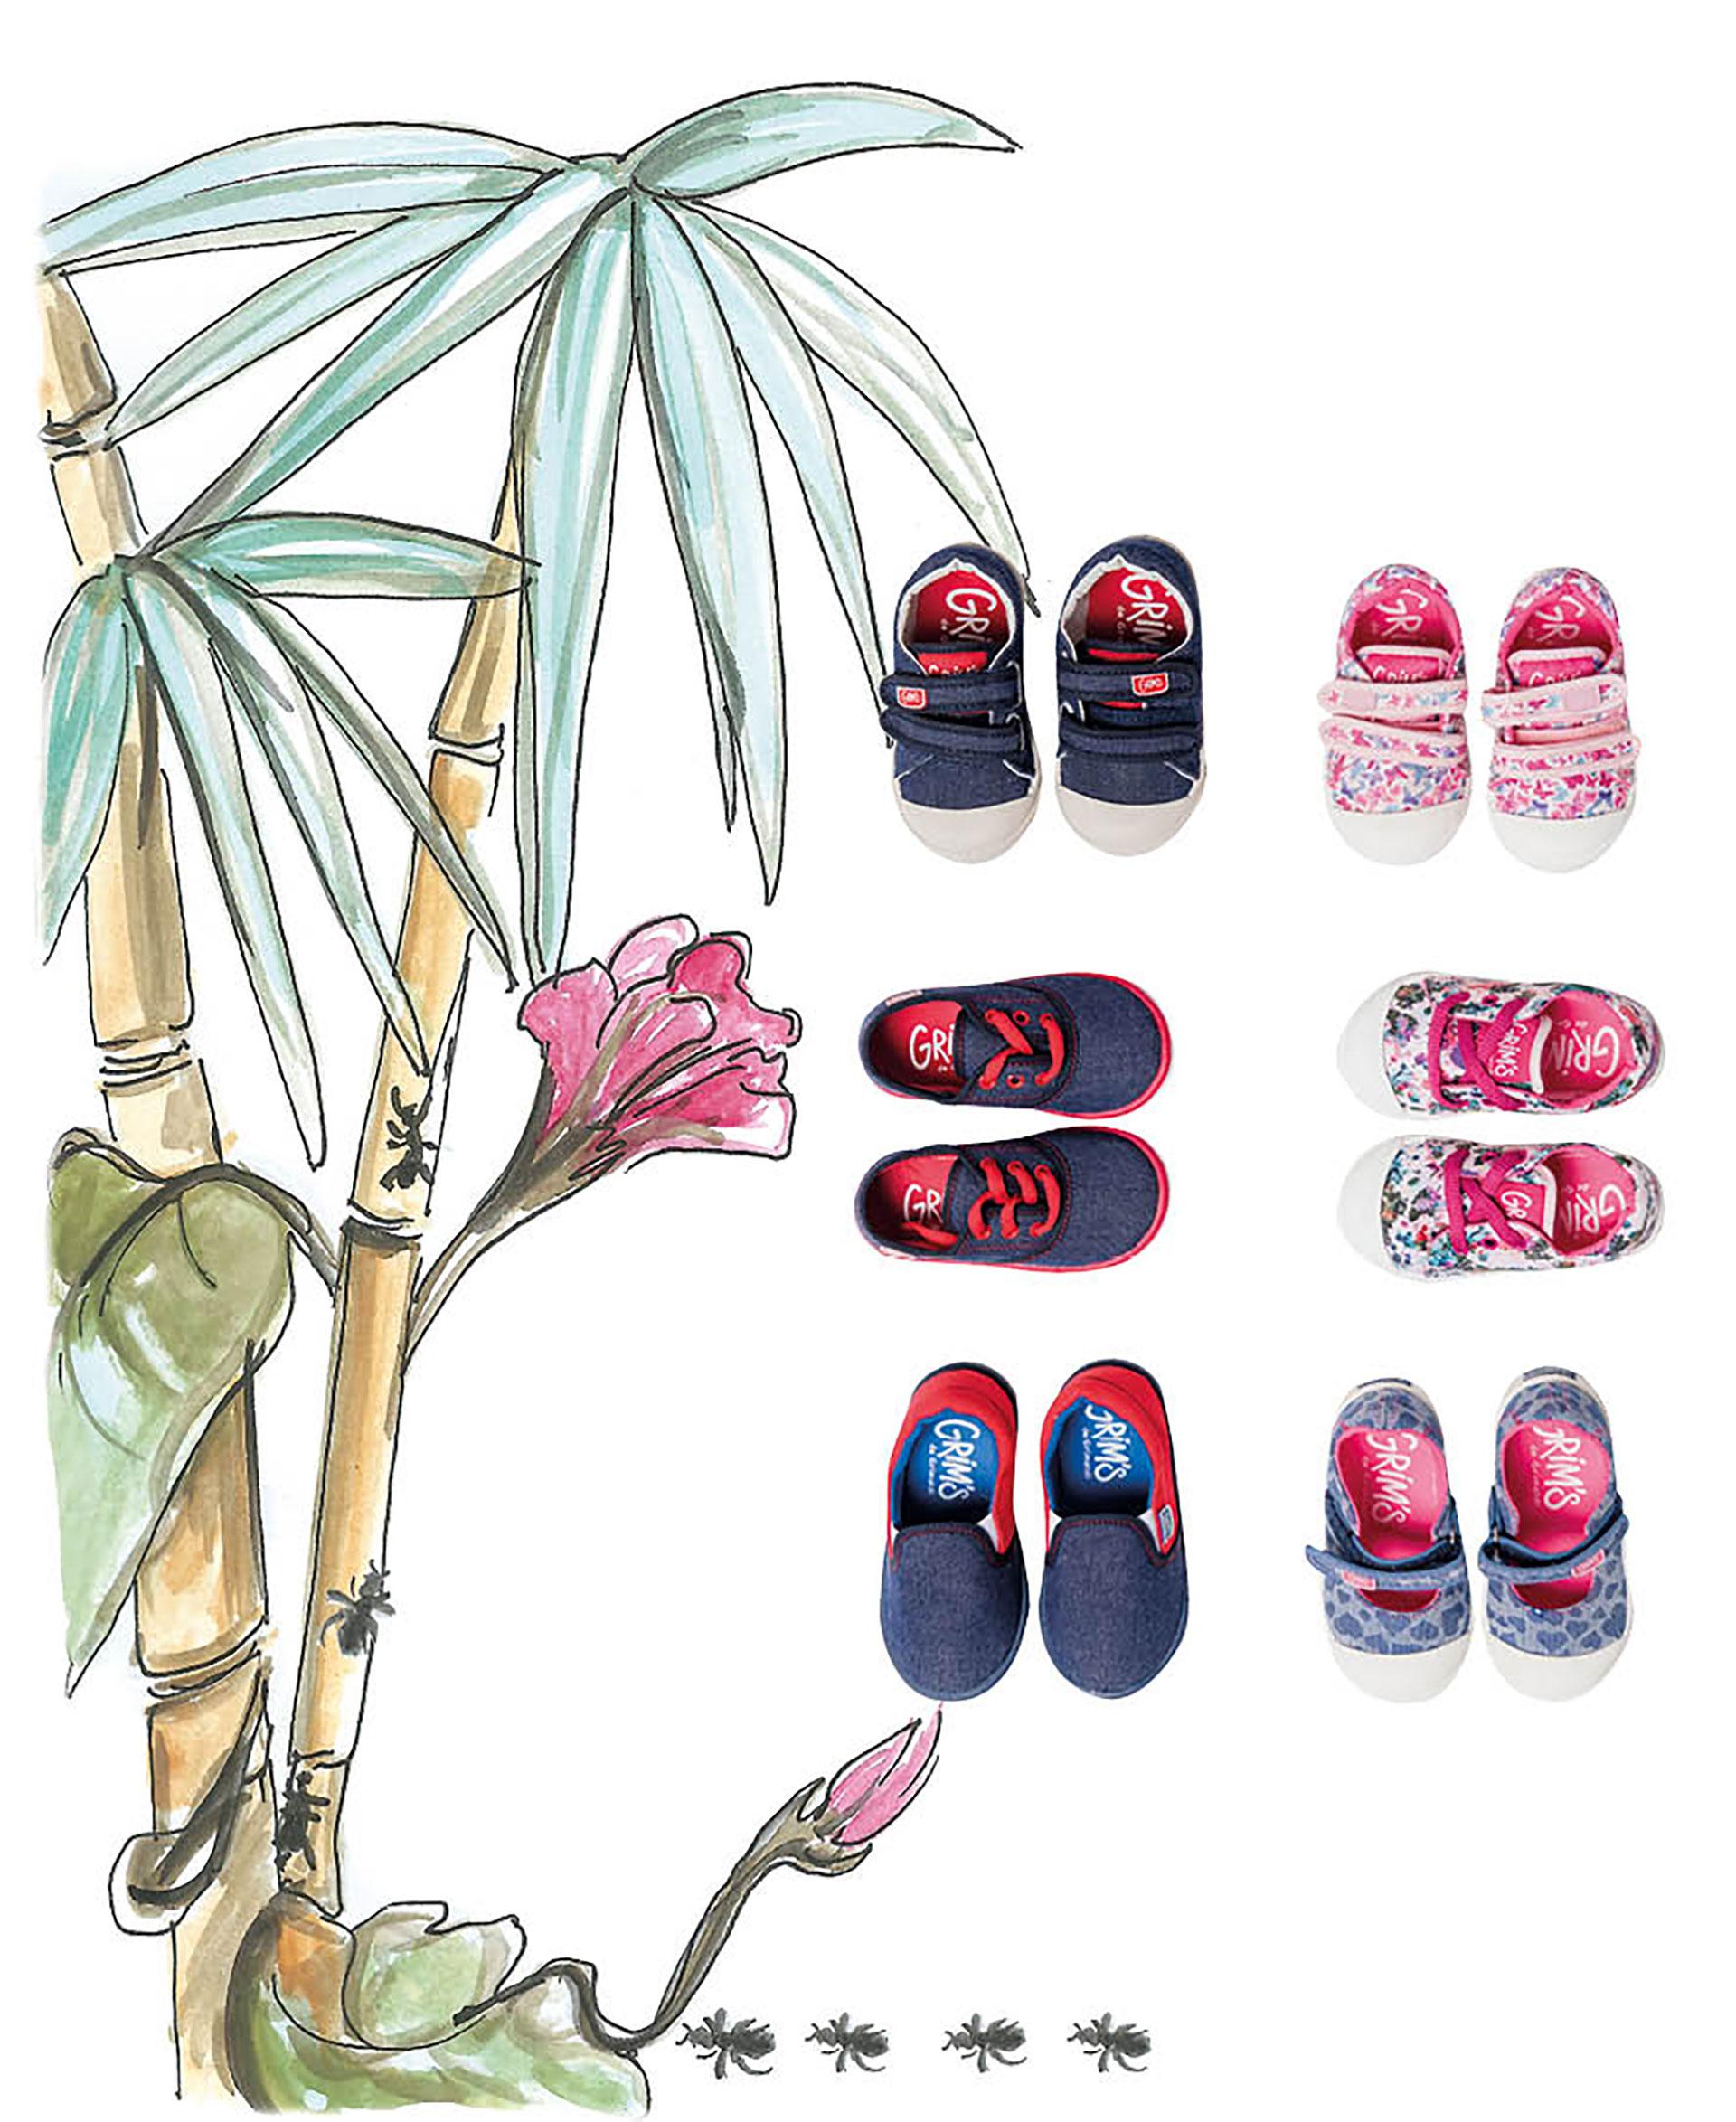 Grim'sVarón: zapatillas de lona de jean con velcro ($ 699), zapatillas de lona de jeancon cordones ($ 660) y panchas de jean ($ 660).Mujer: zapatillas de lona con velcro doble ($ 699), zapatillas de lona acordonada con flores ($ 660) y panchas de lonacon corazones ($ 660). De Grim´s. Foto Maia Croizet/Para Ti. Ilustración Victoria Morete